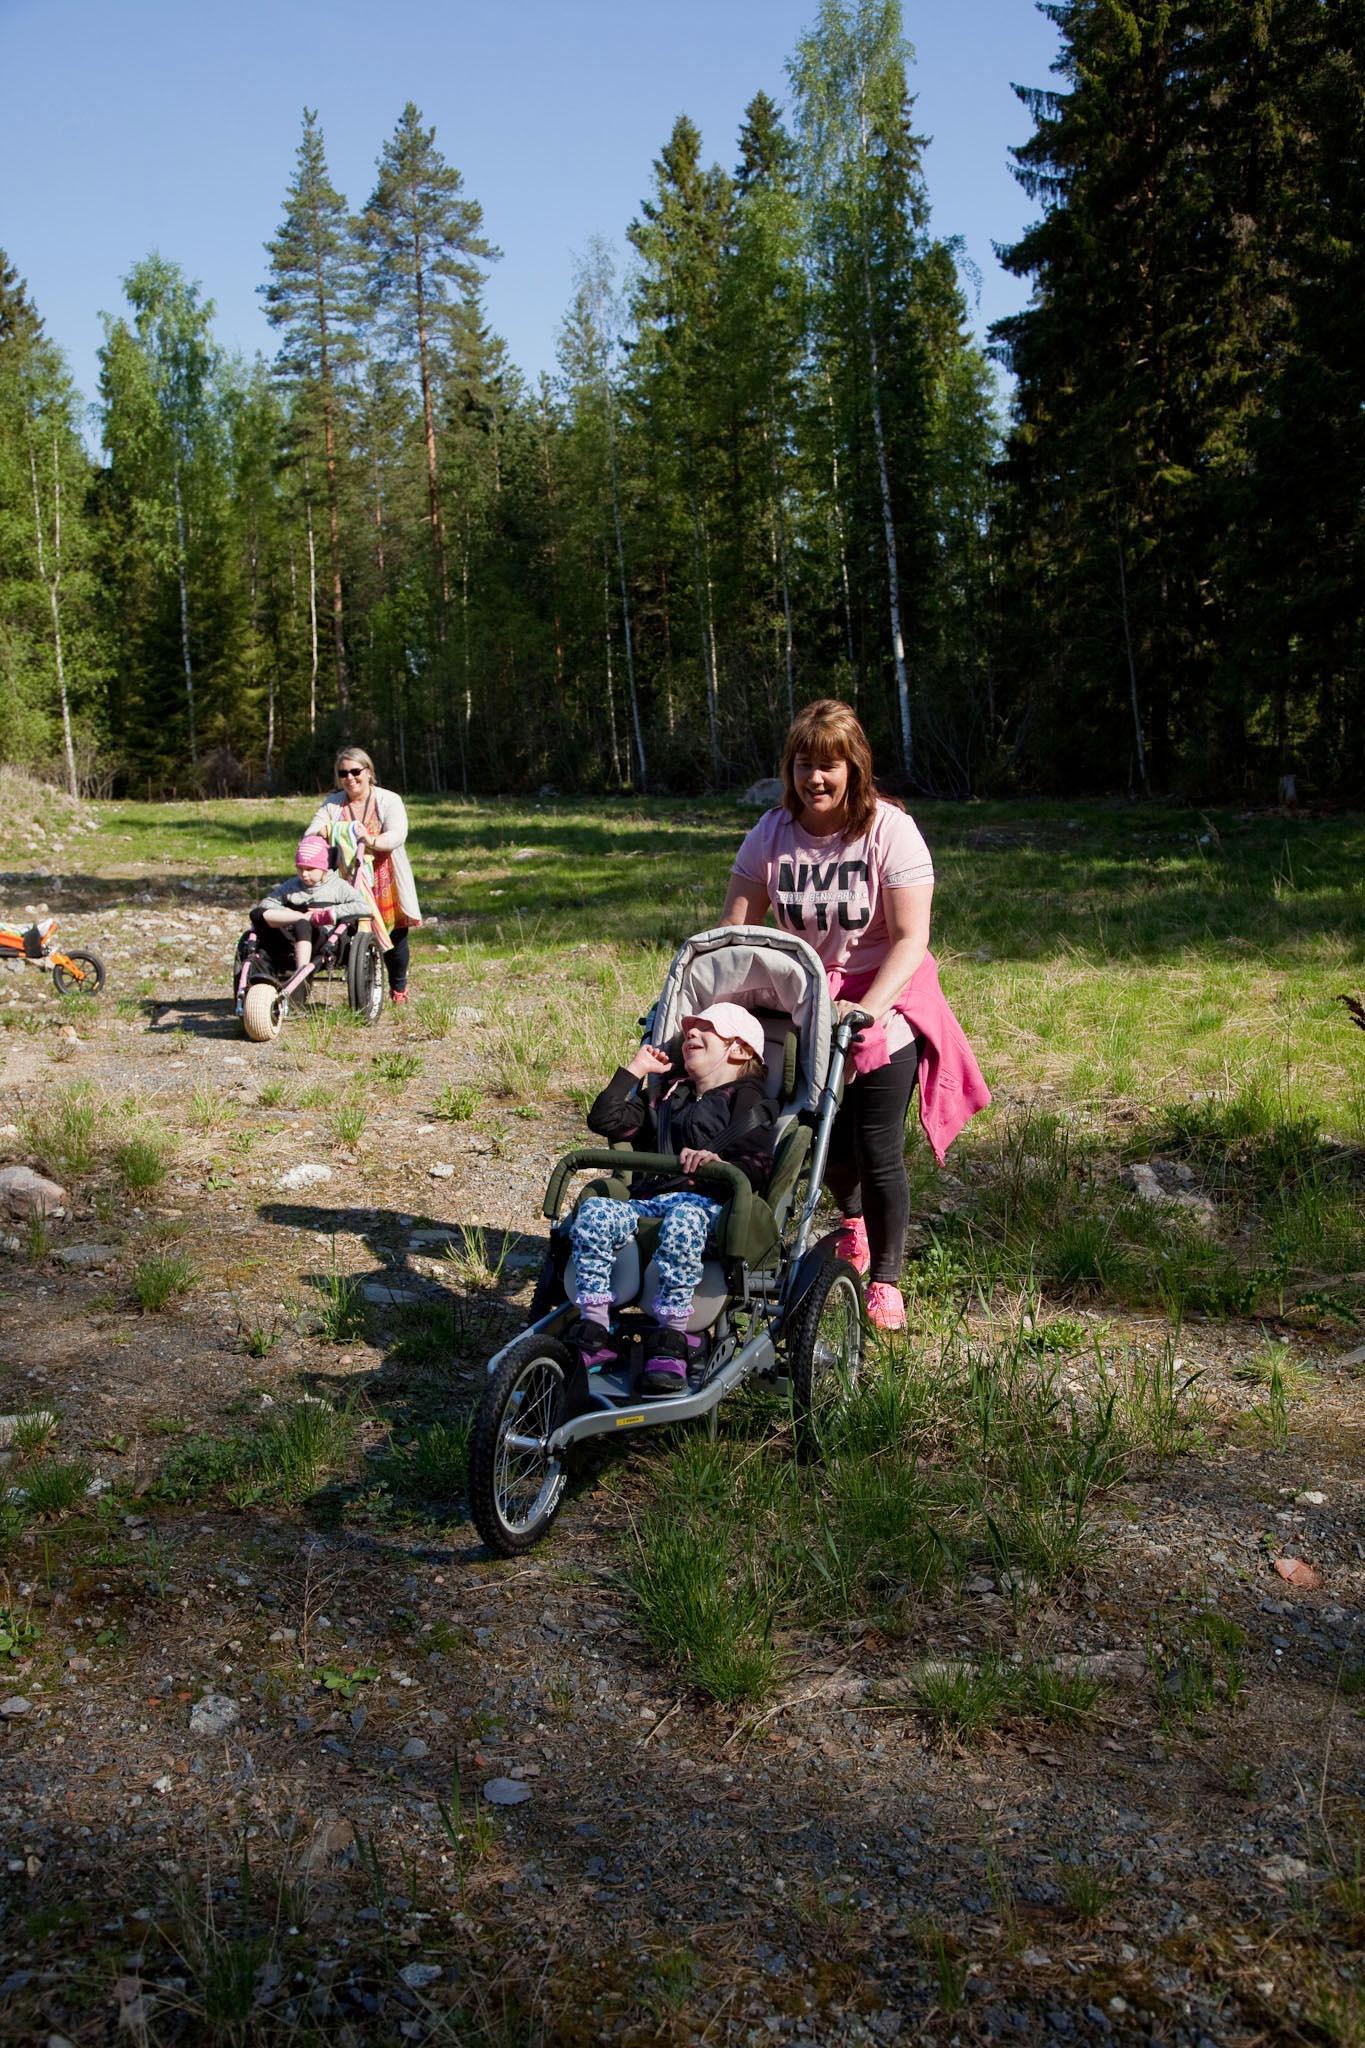 Kuvassa etualalla tyttö istuu Kimba-rattaissa ja nainen työntää niitä. Taempana Hippocampe maastopyörä, jonka kyydissä istuu tyttö ja nainen työntää niitä..